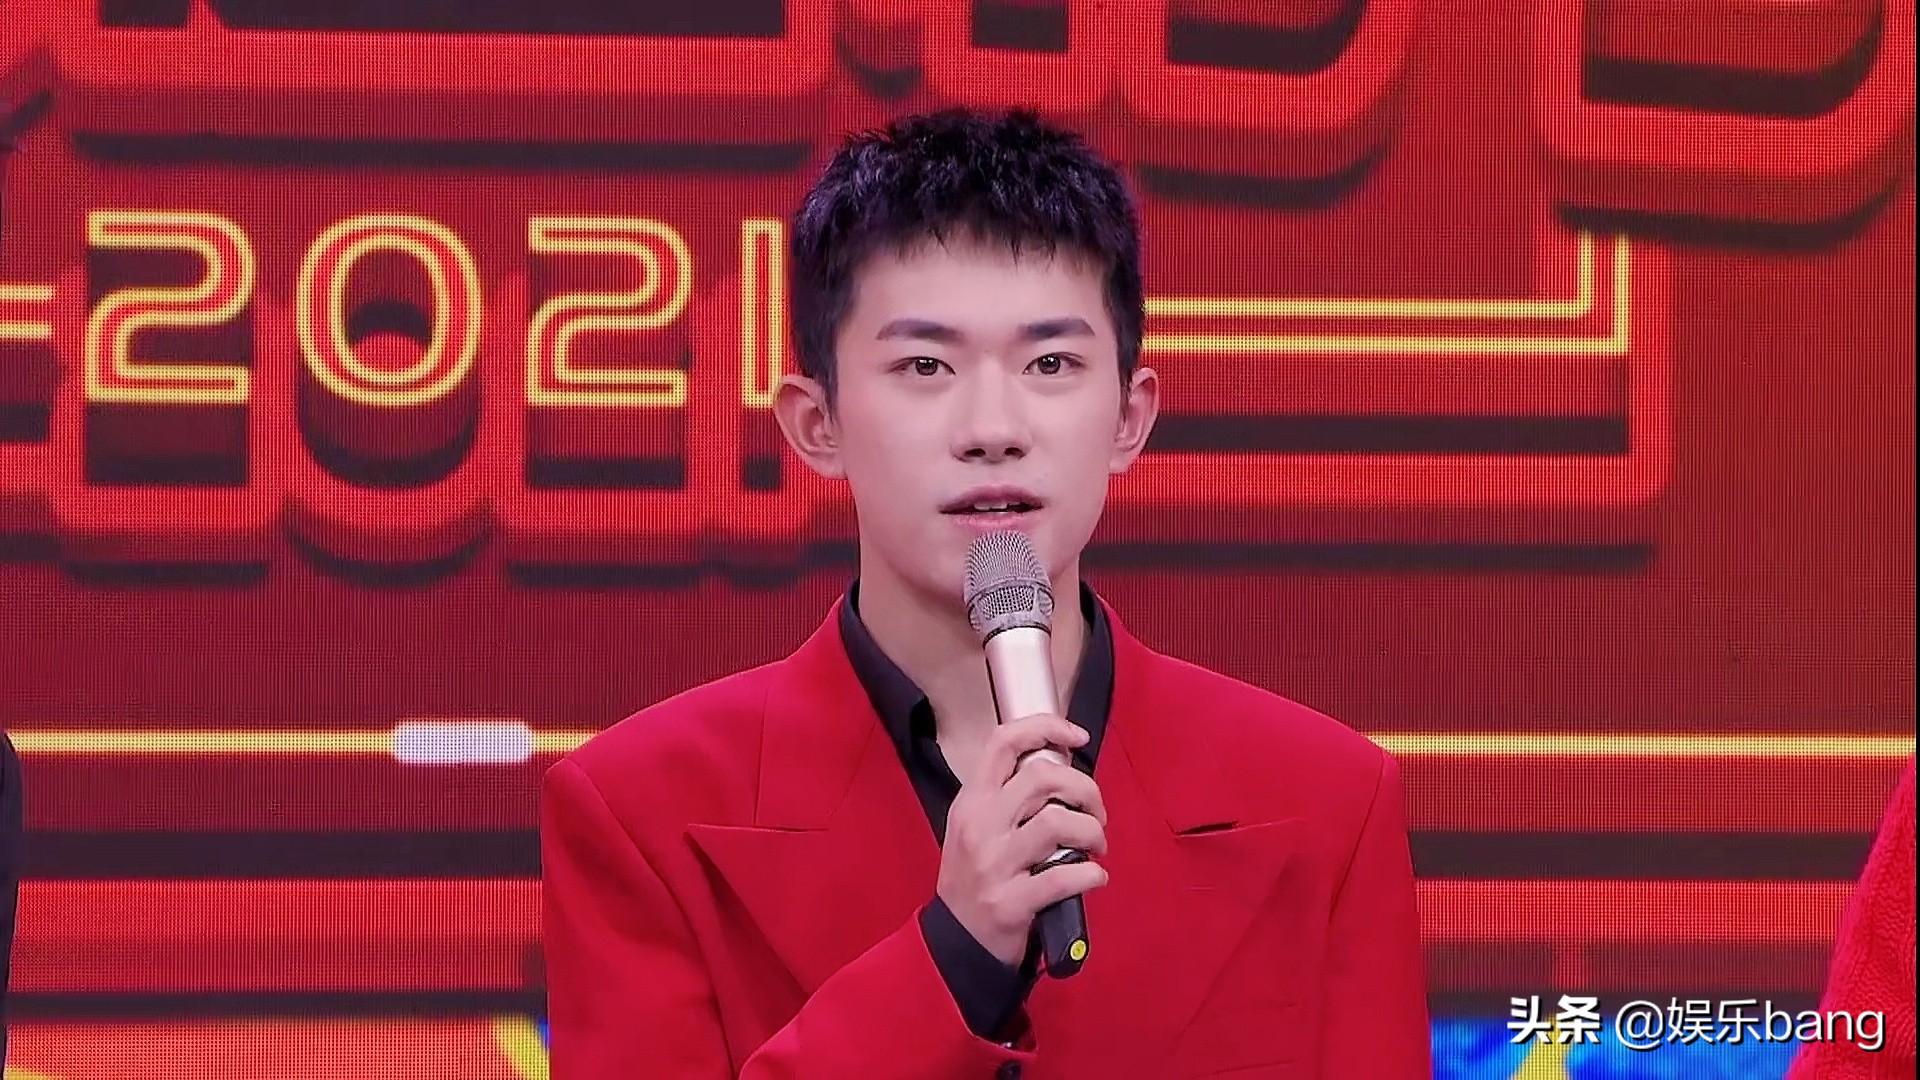 张杰易烊千玺罕见同框,两代歌手惊喜合作,却因身高差引起热议